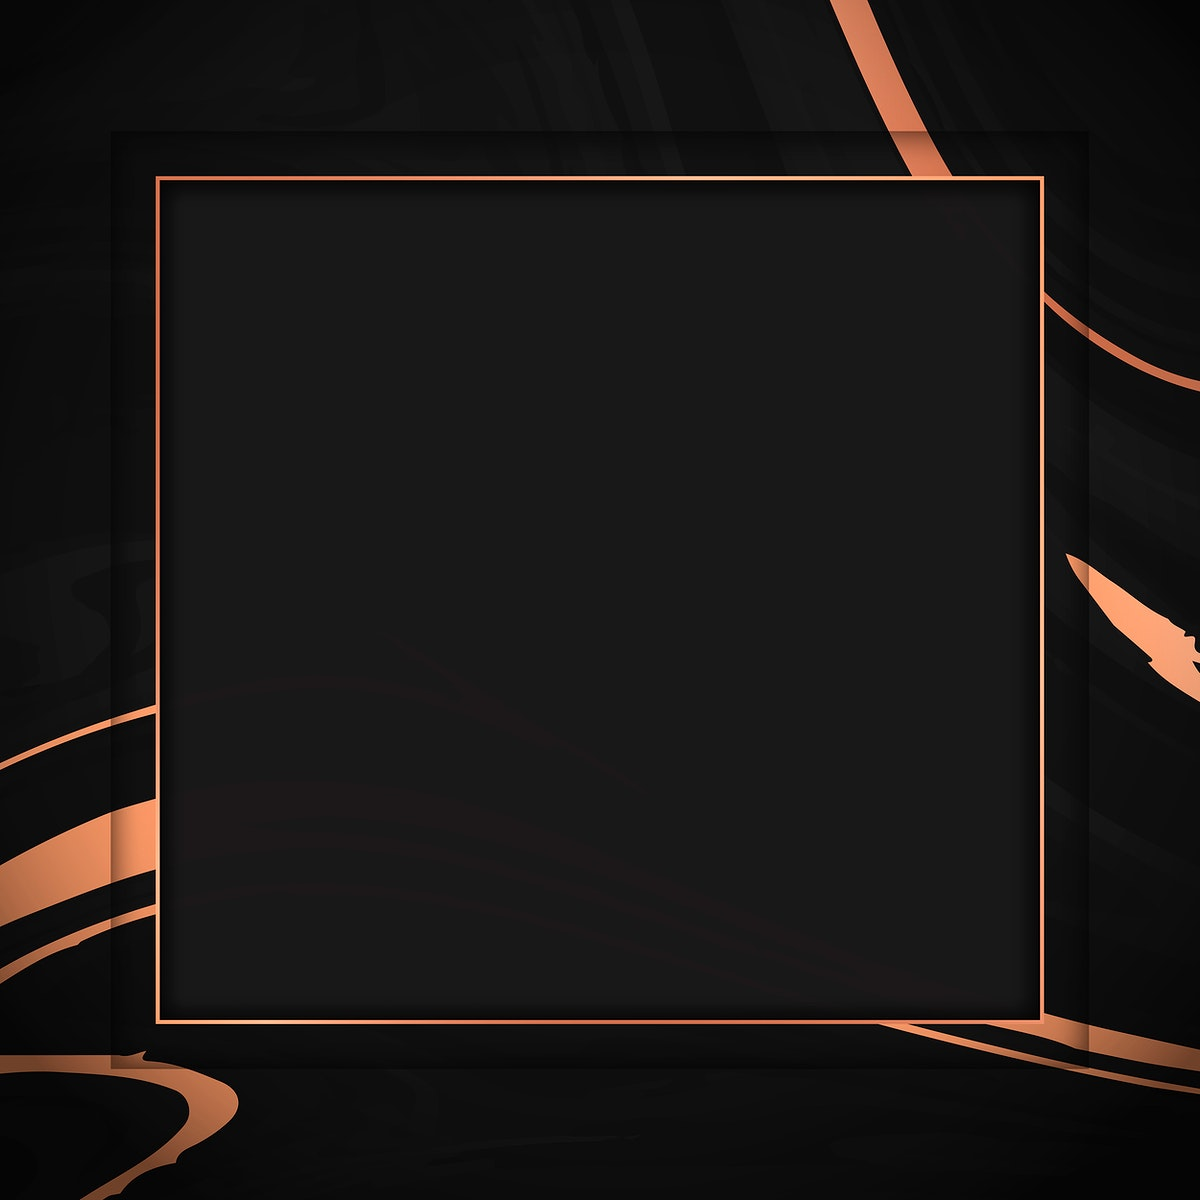 Square bronze frame on black fluid patterned background vector